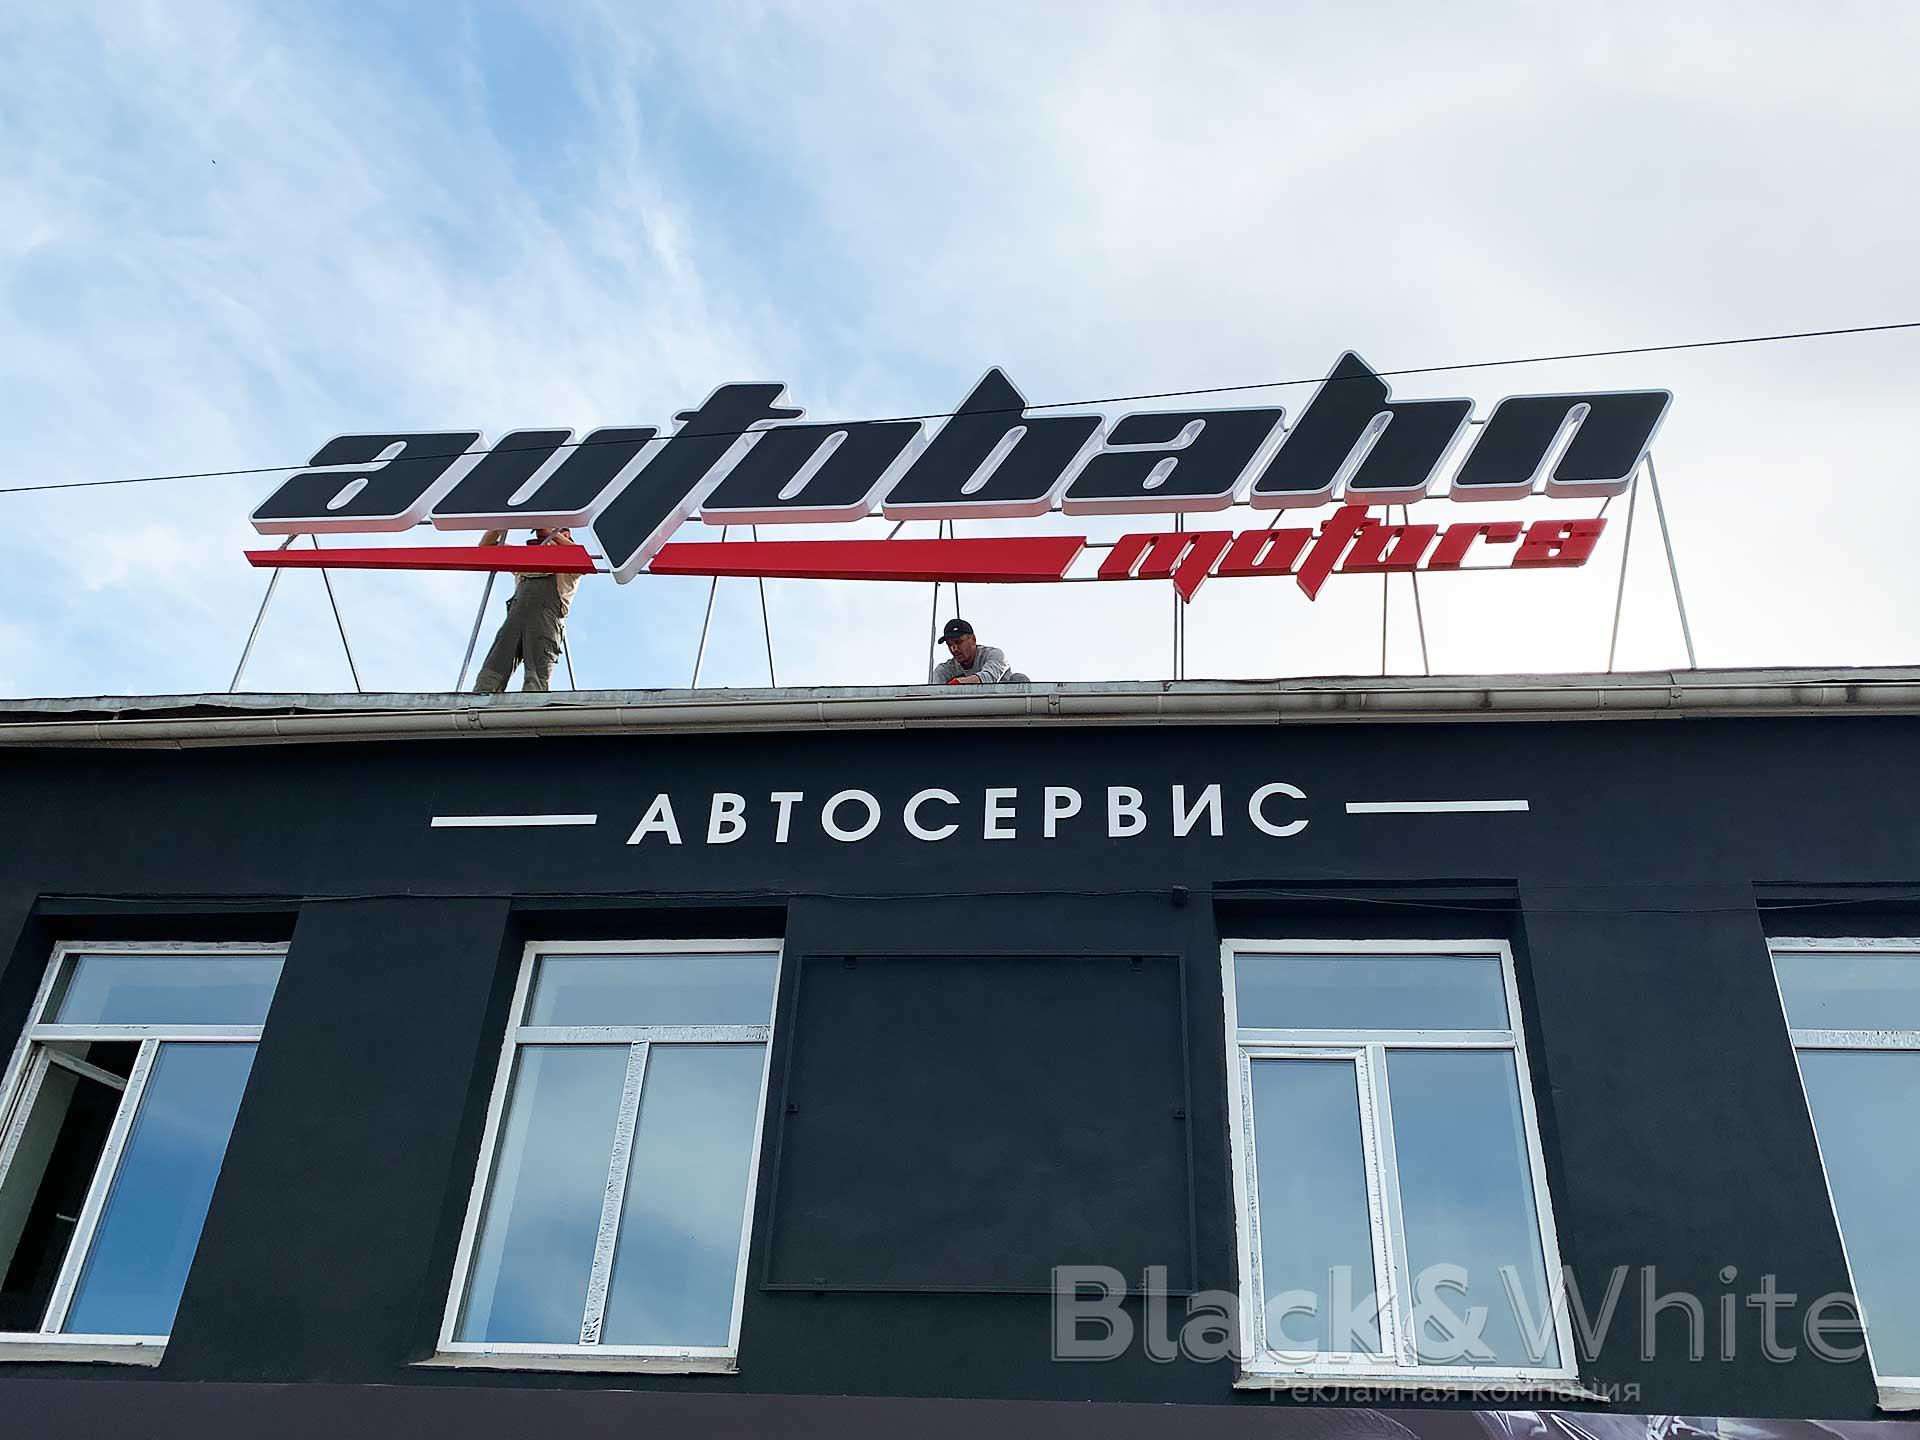 Объемные-буквы-без-подсветки-в-Красноярске-изготовление-на-заказ.jpg